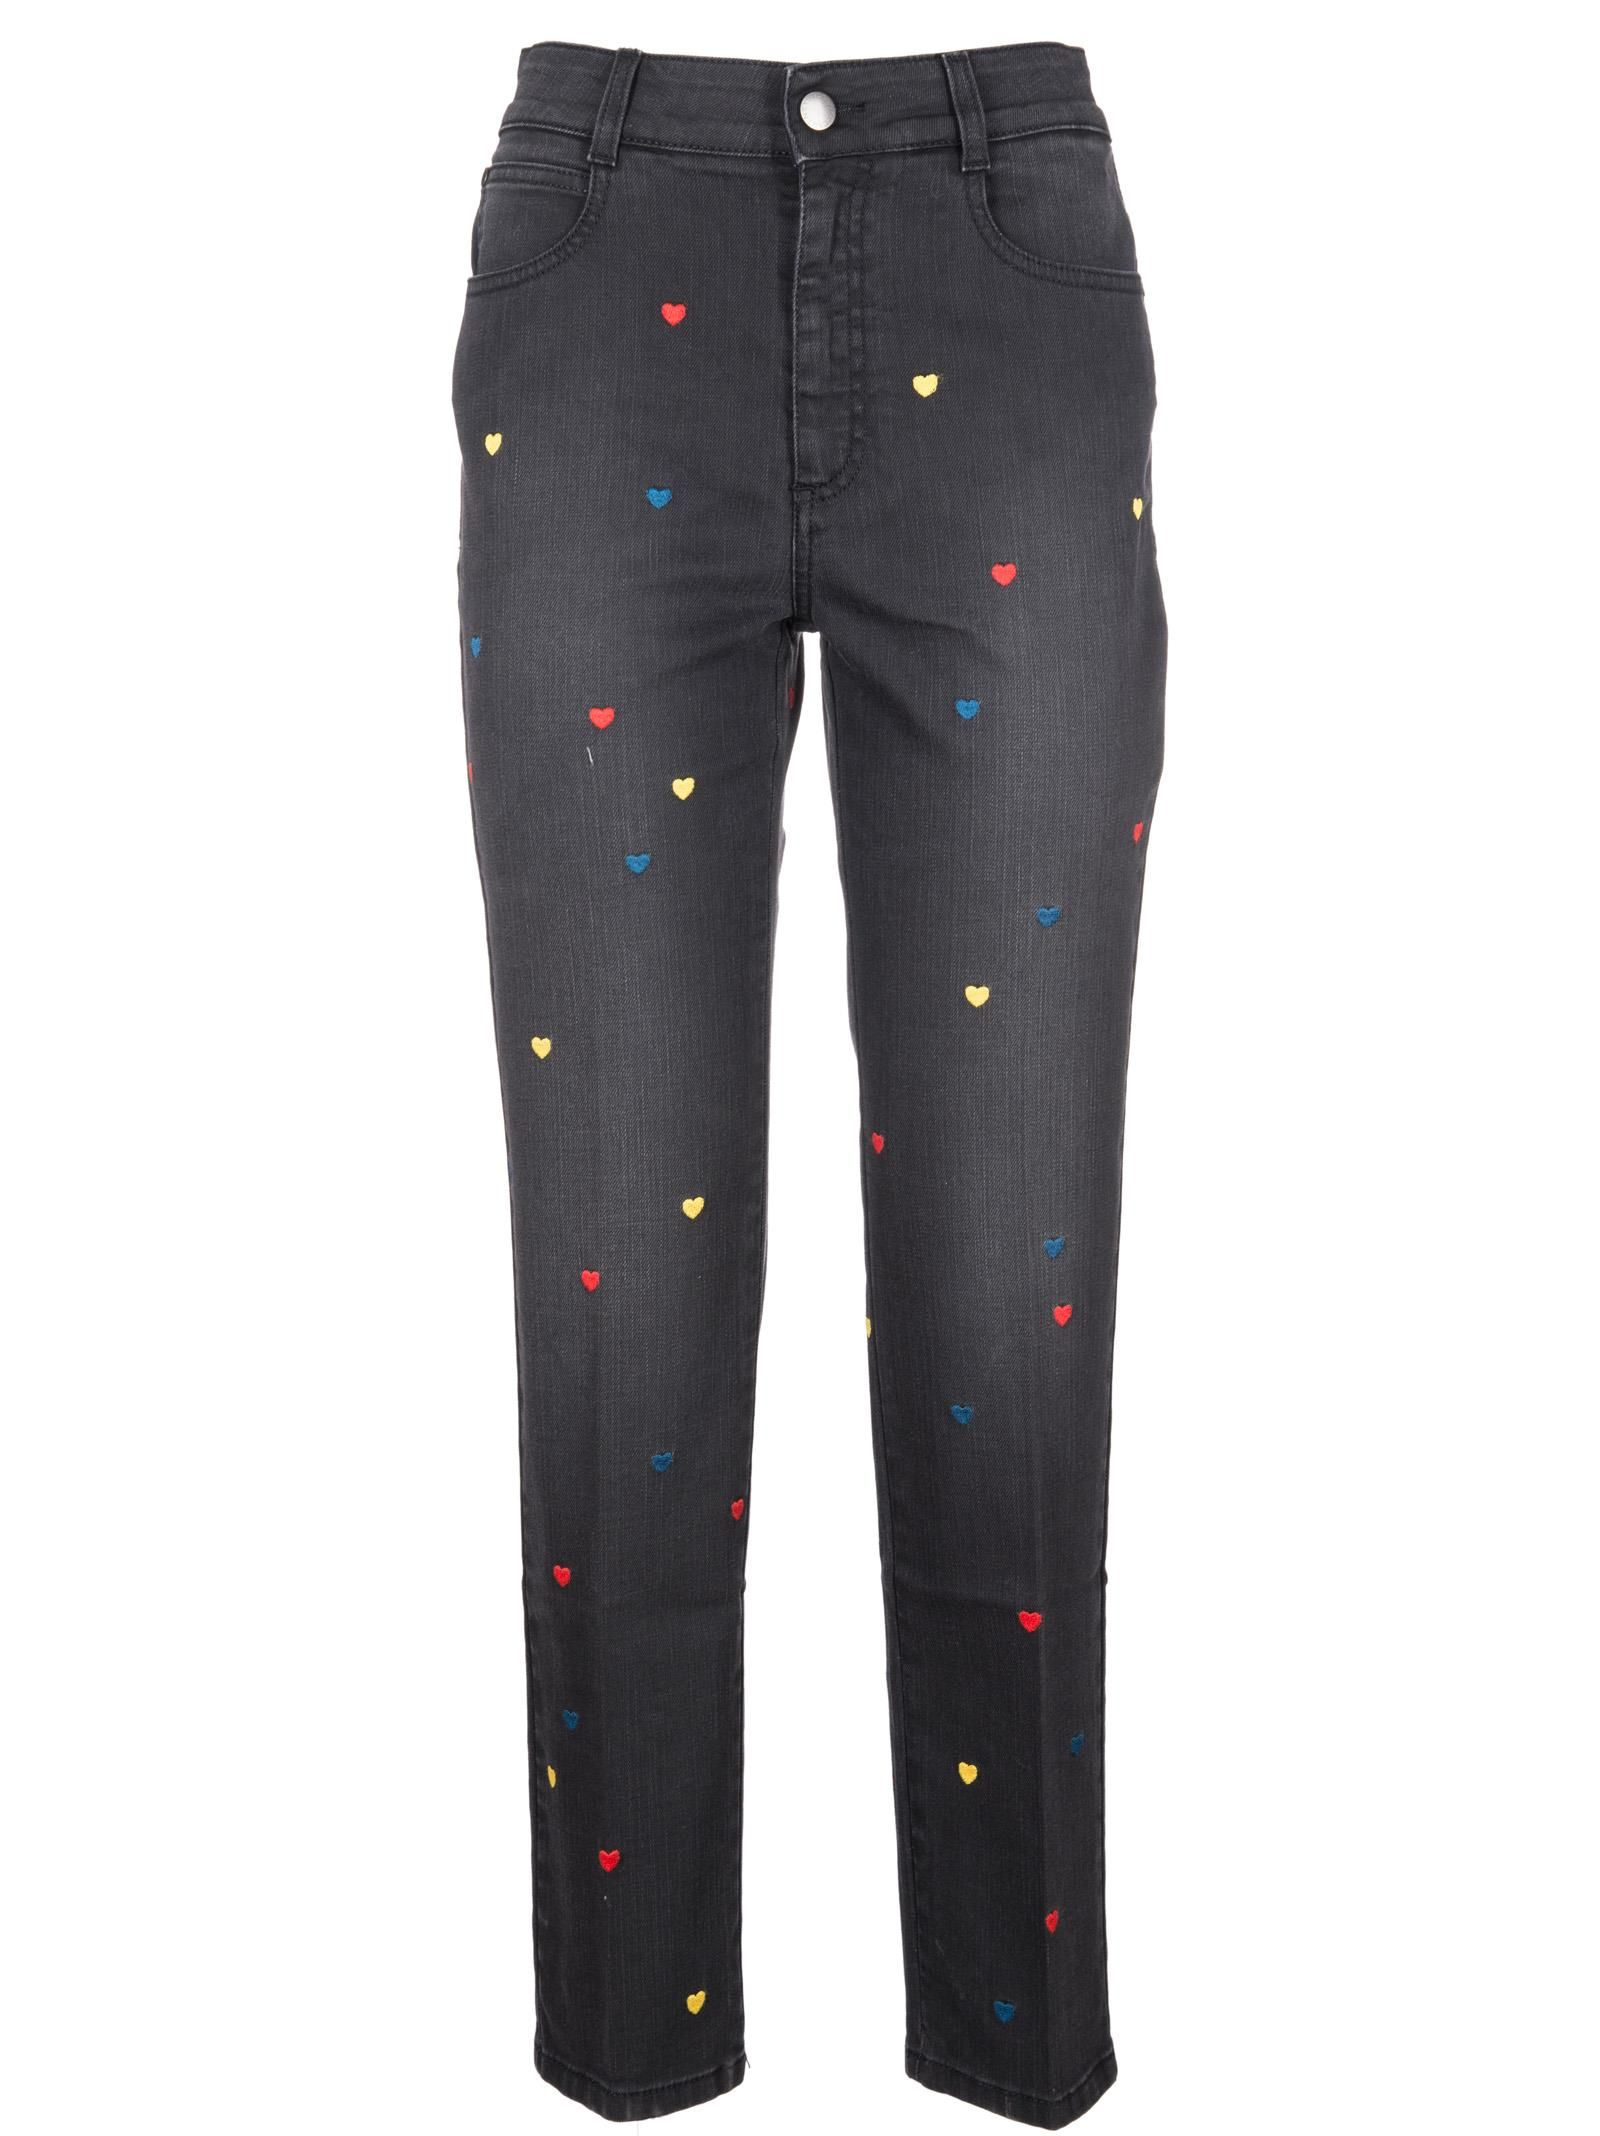 Stella Mccartney Heart Jeans